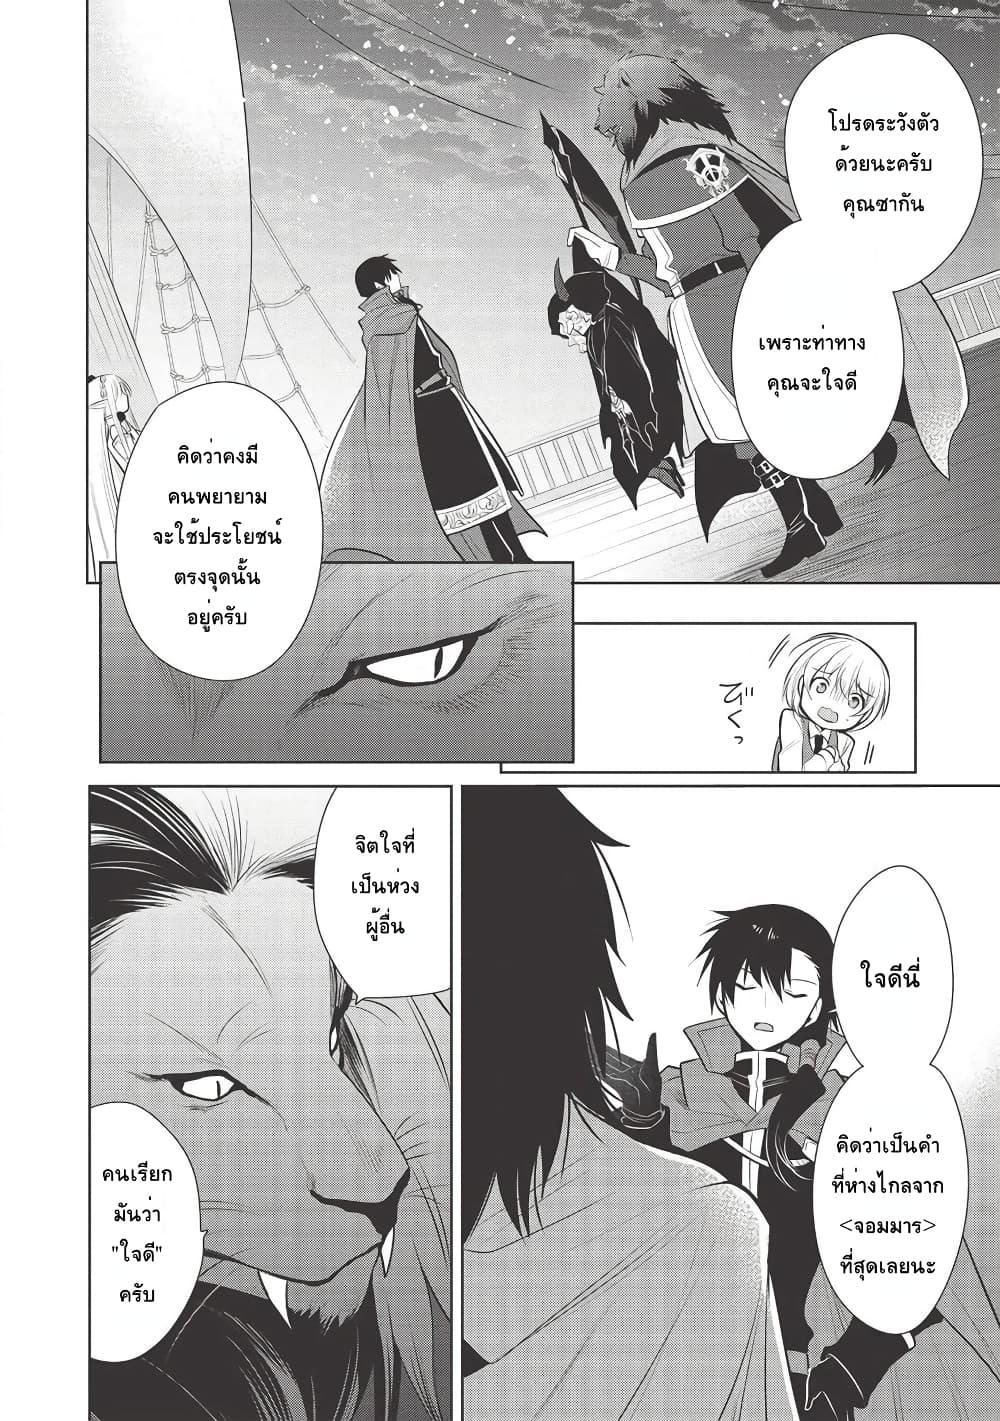 อ่านการ์ตูน Maou no Ore ga Dorei Elf wo Yome ni Shitanda ga Dou Medereba Ii ตอนที่ 28 หน้าที่ 28